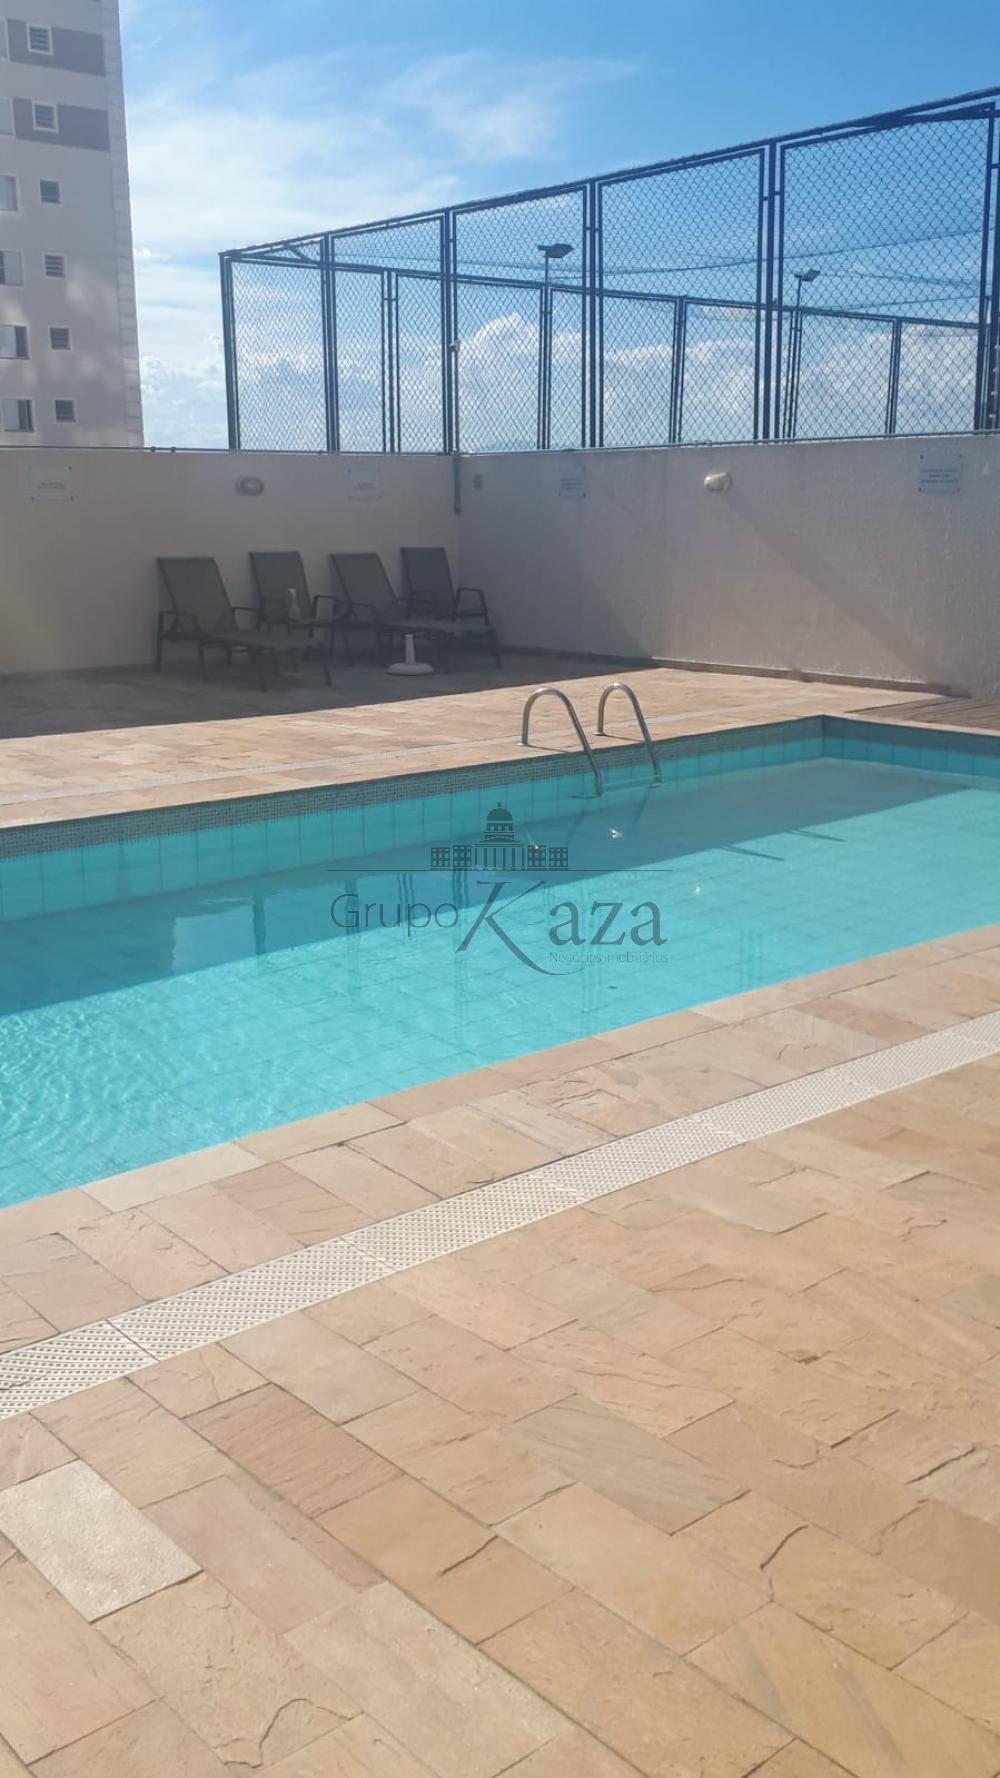 alt='Comprar Apartamento / Padrão em São José dos Campos R$ 420.000,00 - Foto 21' title='Comprar Apartamento / Padrão em São José dos Campos R$ 420.000,00 - Foto 21'